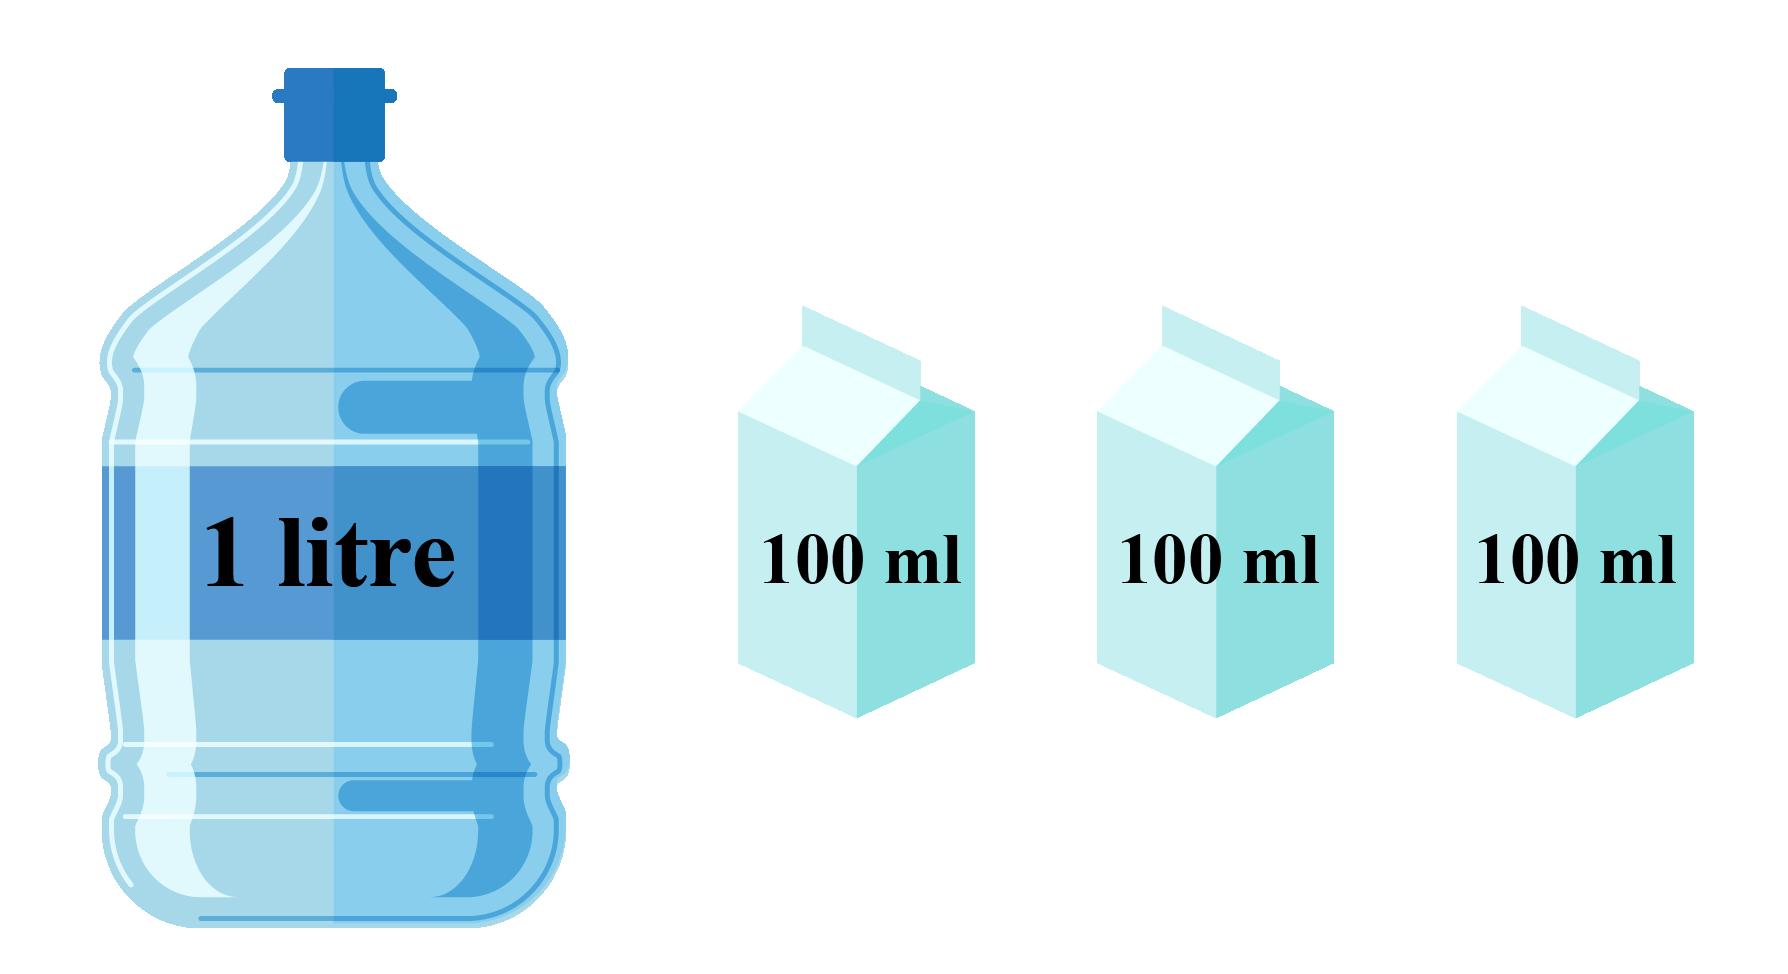 100 ml less than 1000 ml